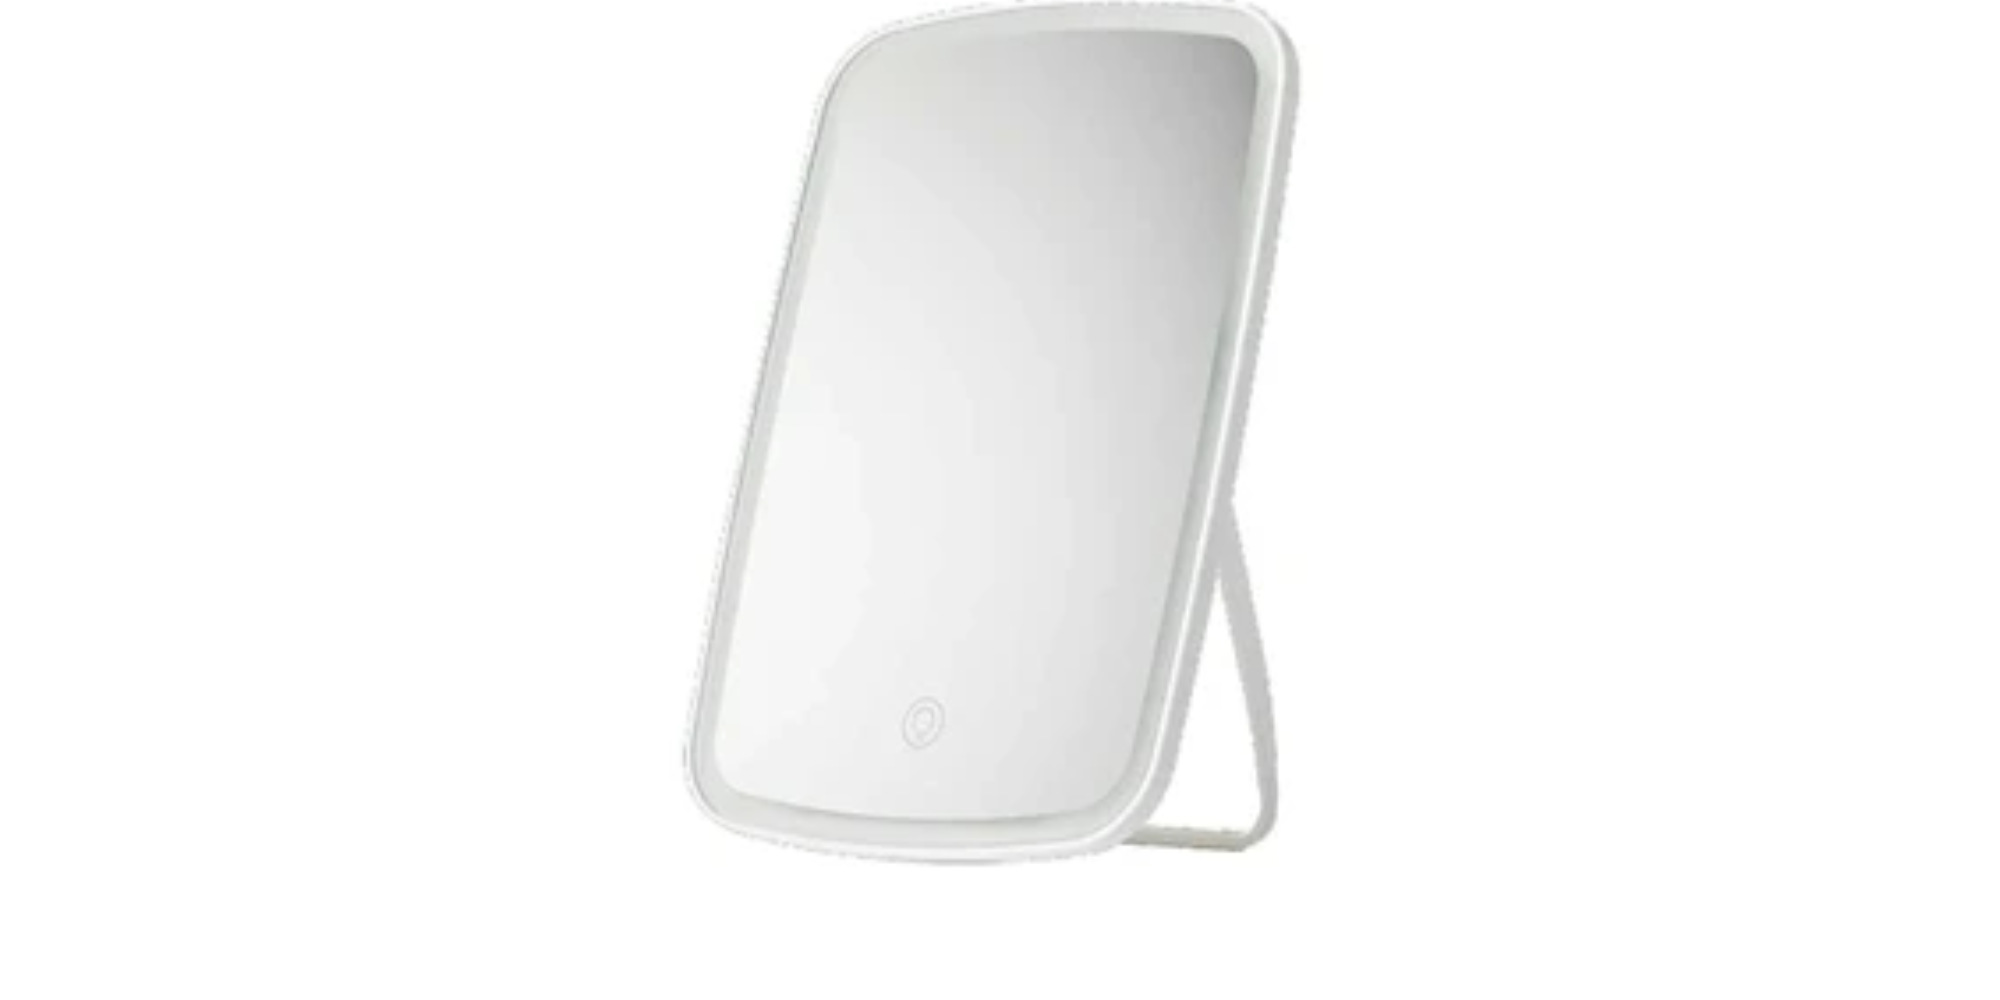 مرآة مكياج ذكية ومضيئة - أدوات العناية الشخصية